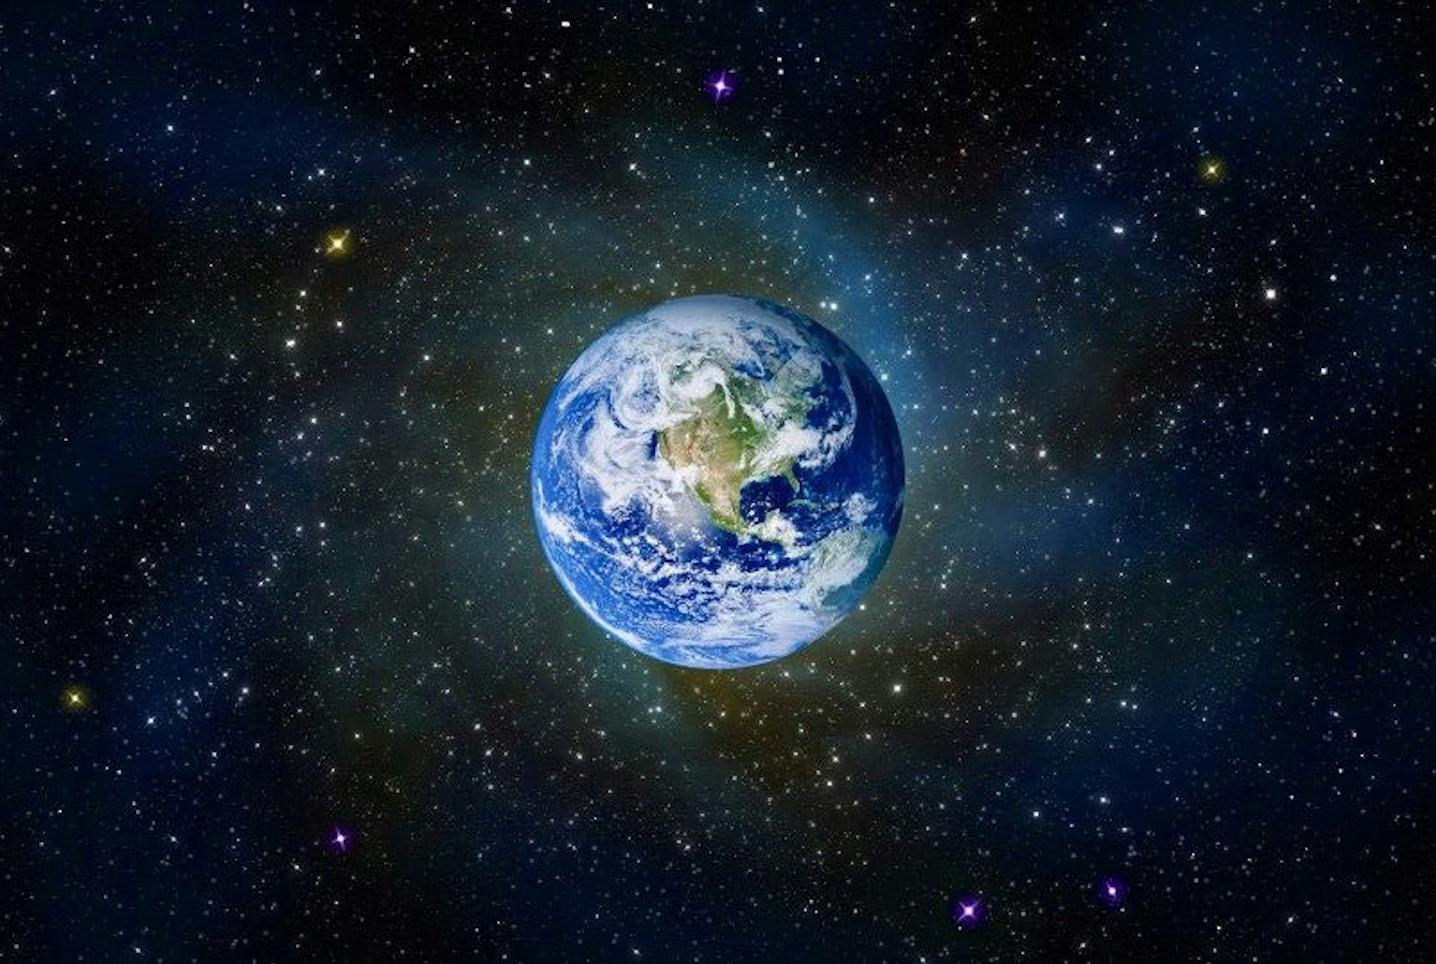 【お知らせ】ワンネスと宇宙のお話会